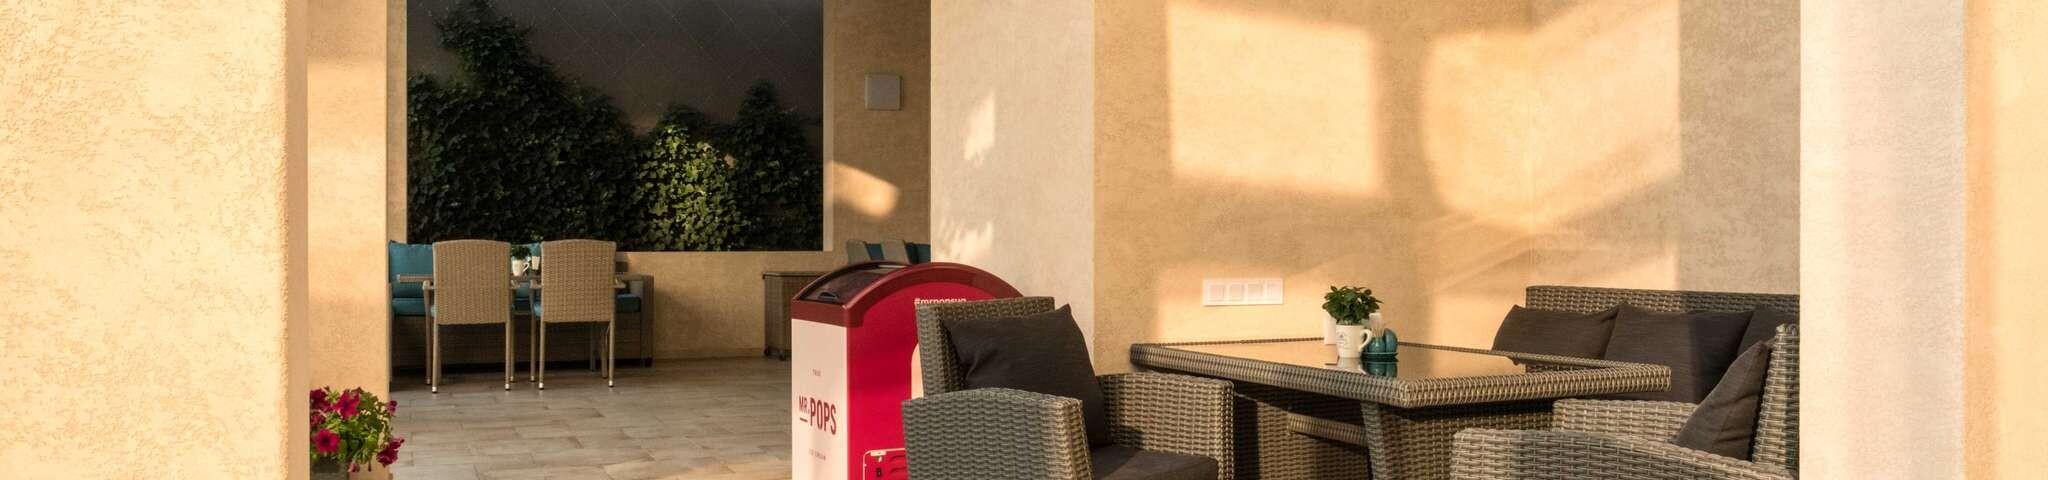 Travel-гороскоп от Redling Hotel на 2021 год